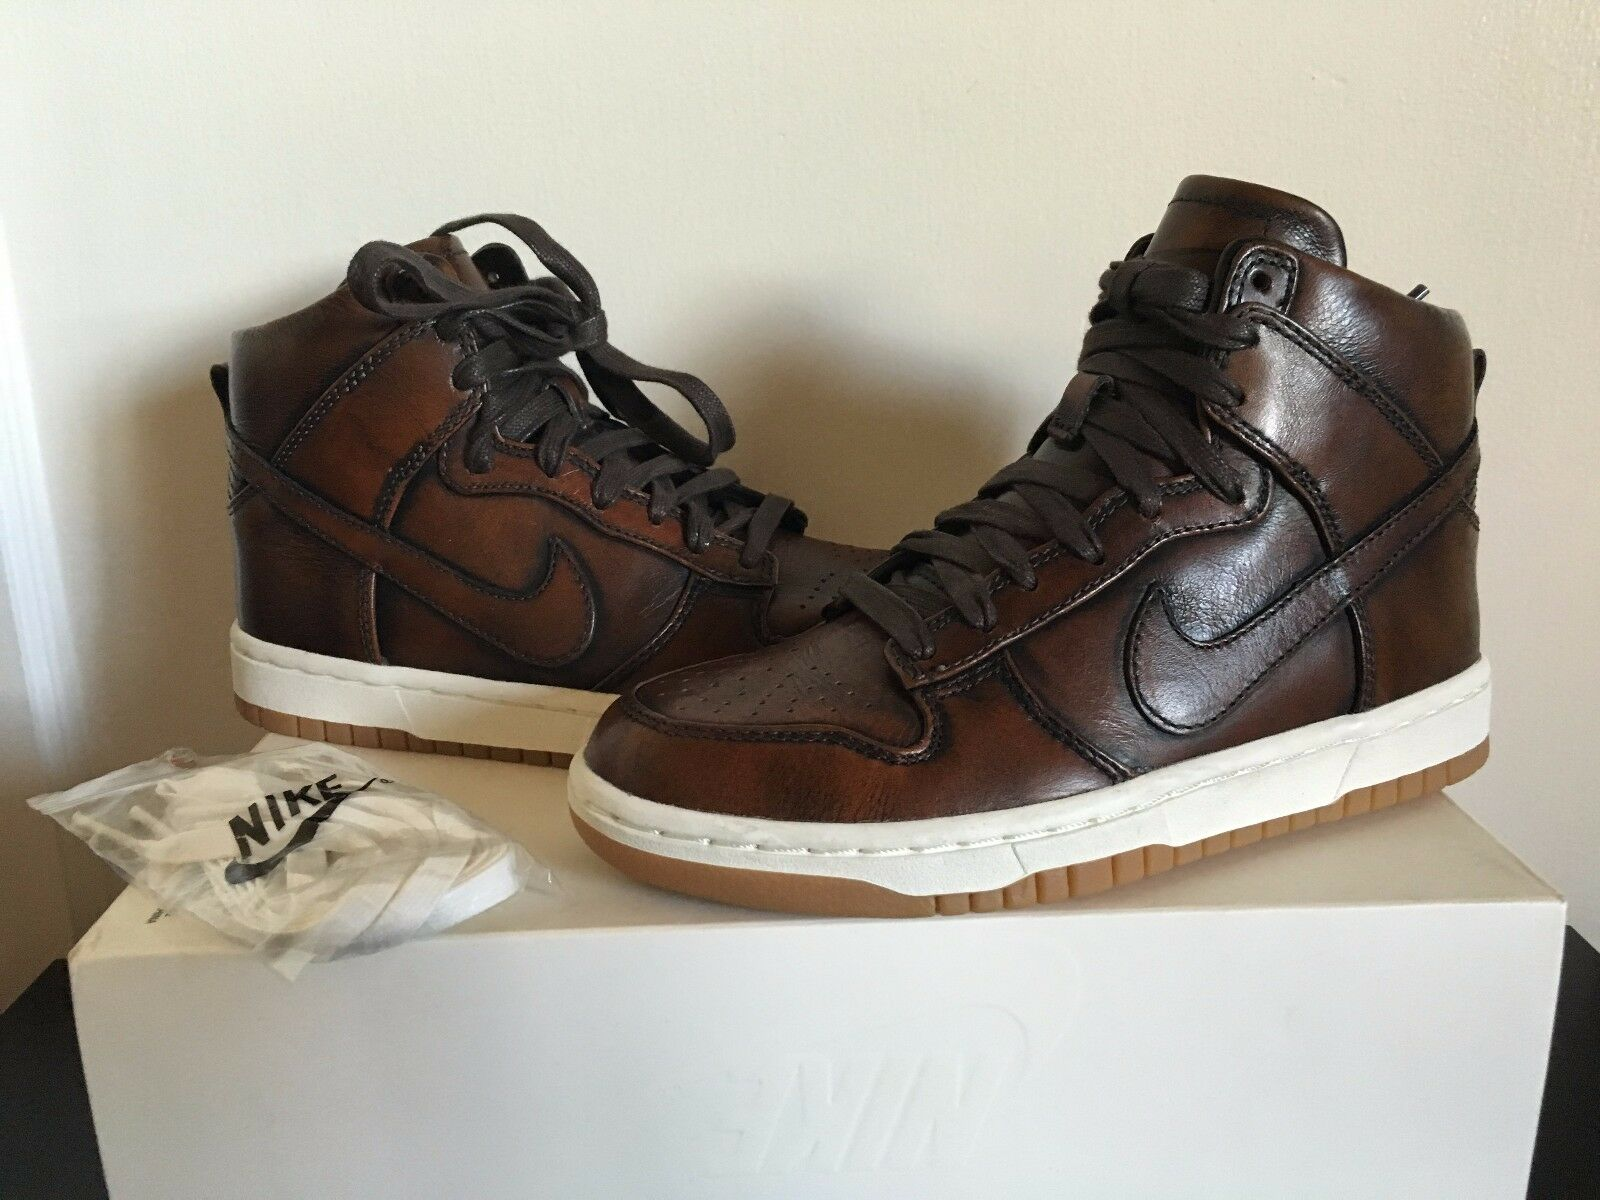 Nike Dunk Lux Burnished SP Classic Brown 747138 221 Men's Men's Men's Size 4 Wmns Size 5.5 26c892